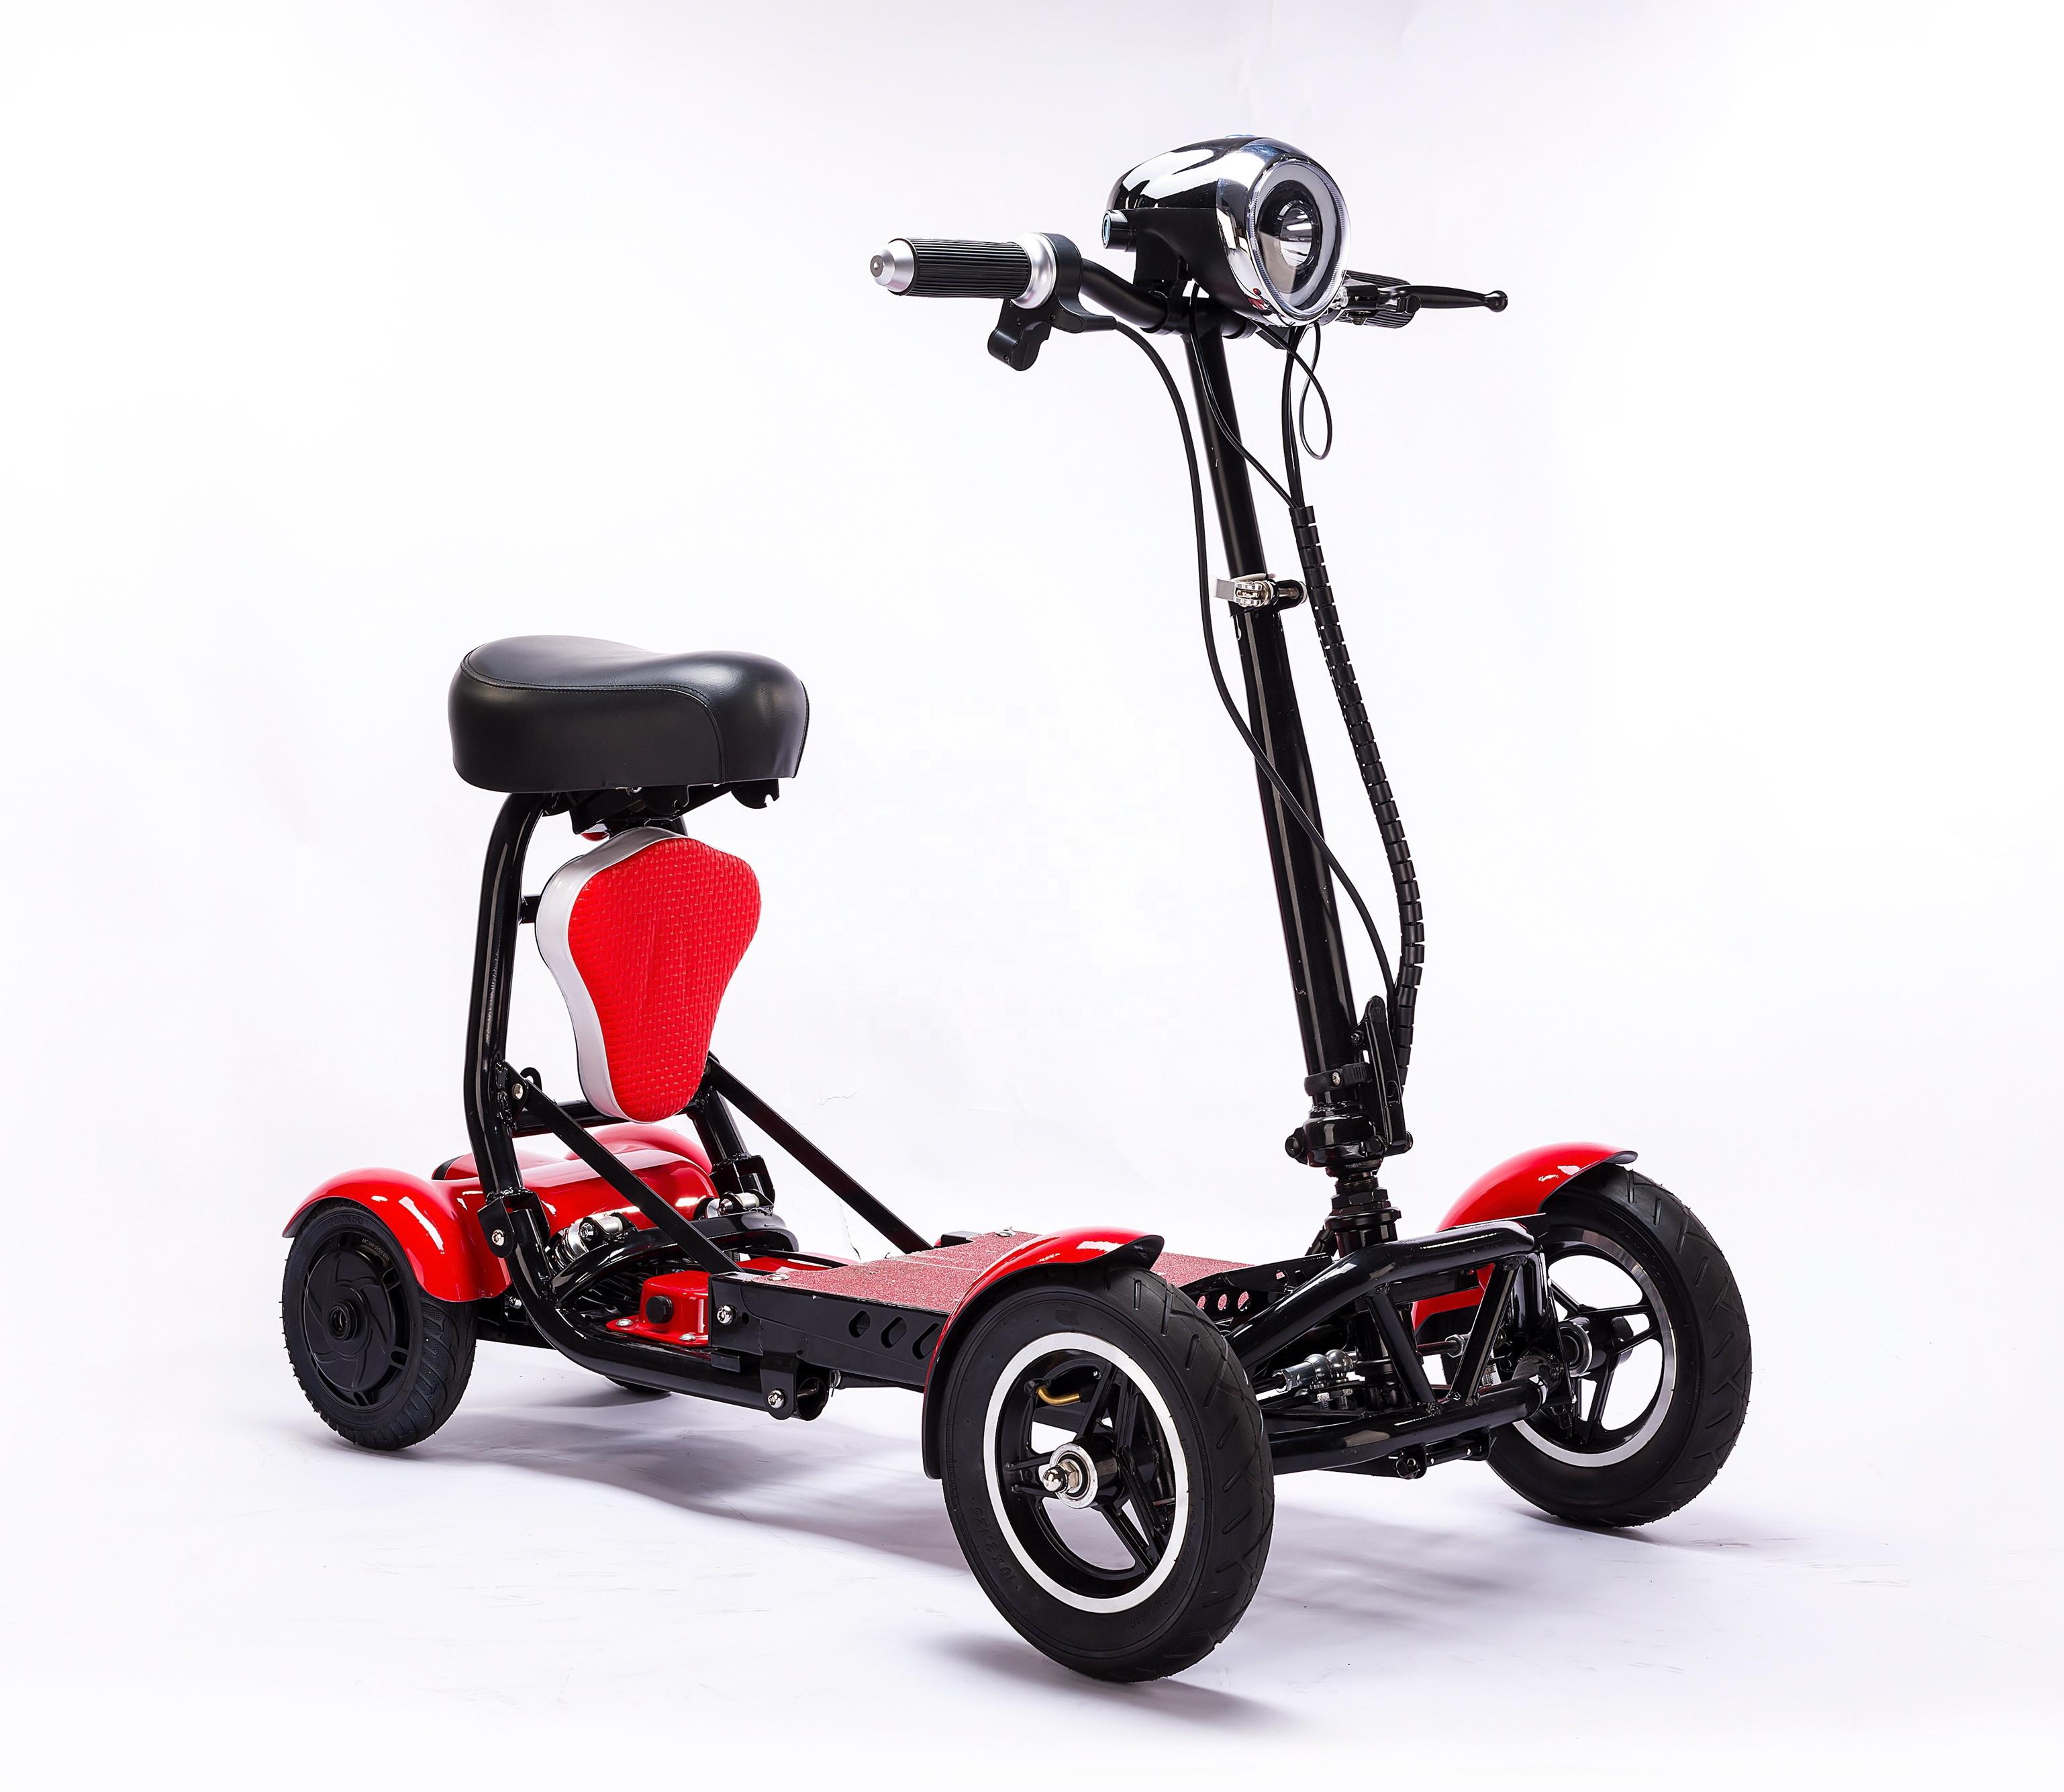 Beste Reise Leichte Faltbare Mobilität Roller Rollschuhe, Skateboards Und Roller Roller